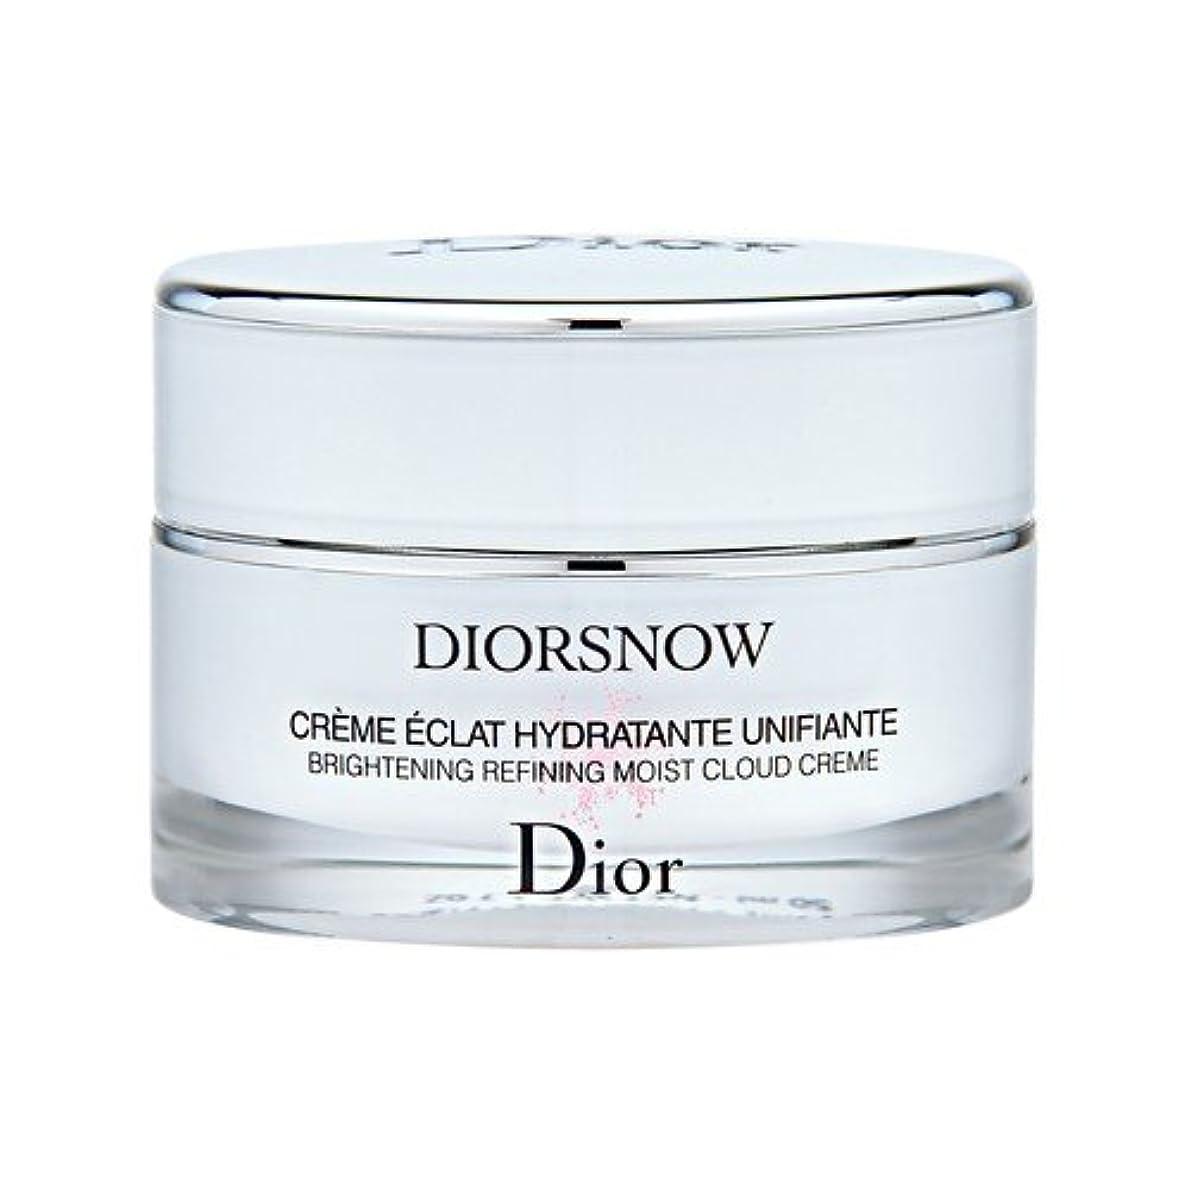 警官外出王子クリスチャン ディオール(Christian Dior) スノー ブライトニング モイスト クリーム 50ml[並行輸入品]